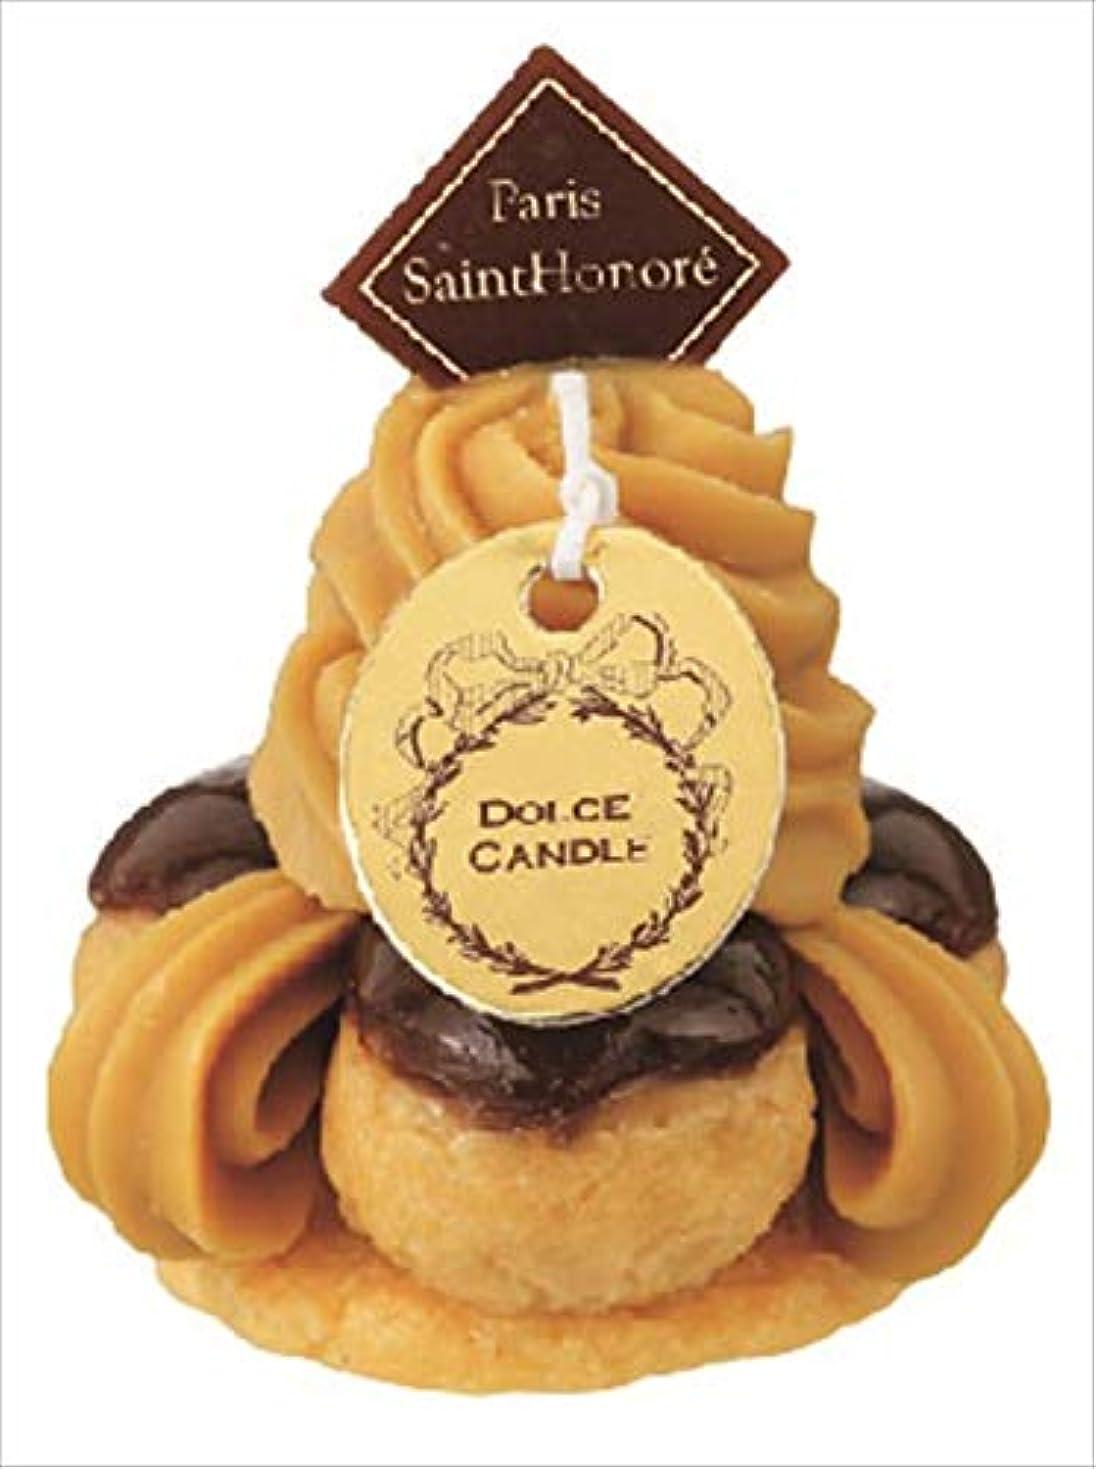 委任する運ぶ尾カメヤマキャンドル(kameyama candle) ドルチェキャンドル 「 サントノーレ 」